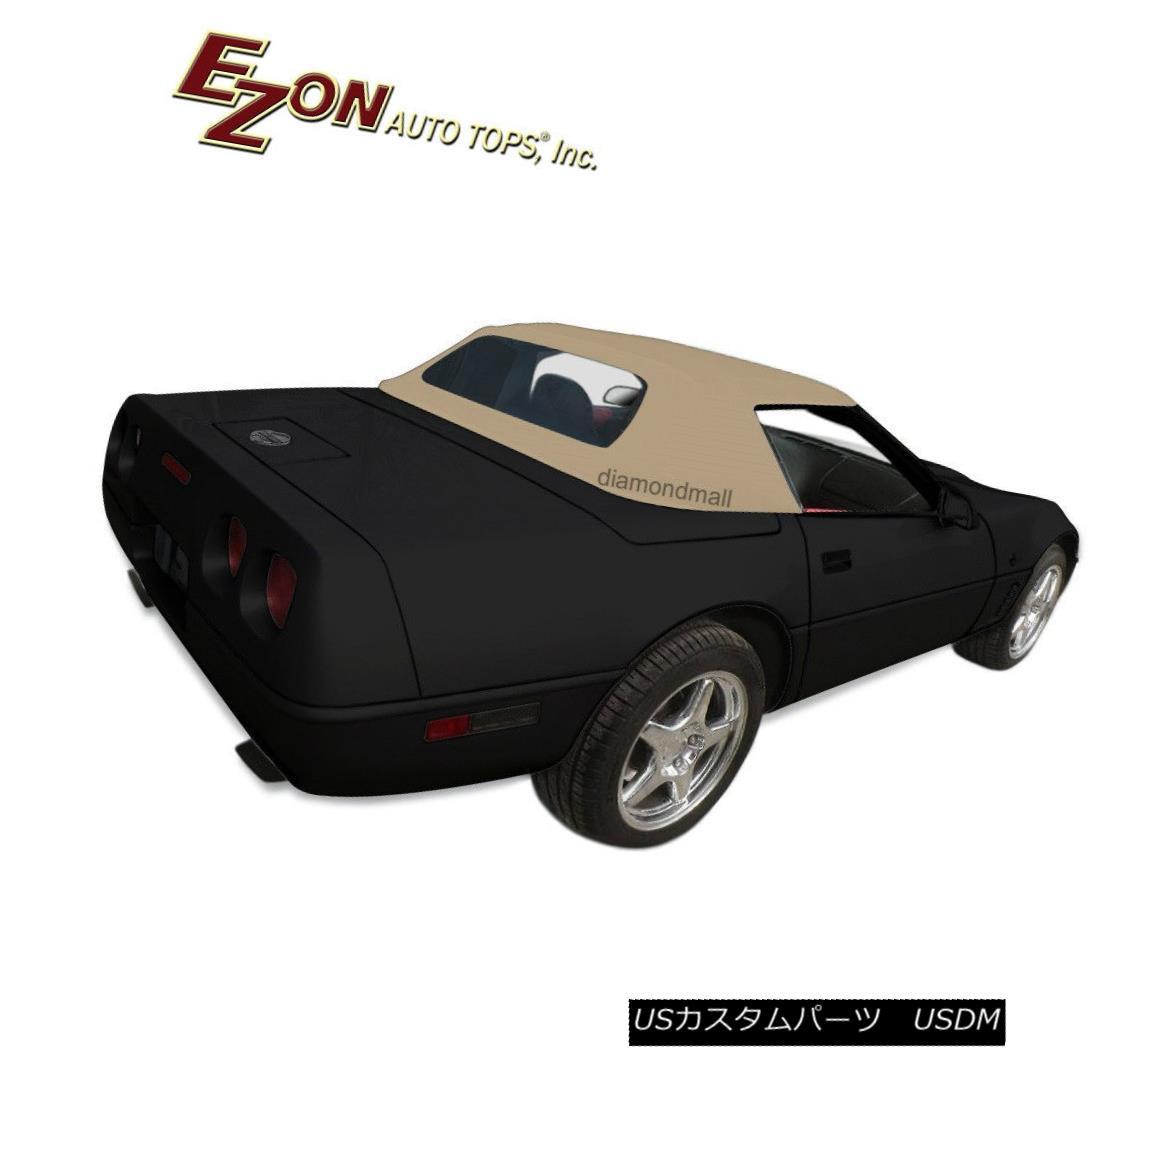 幌・ソフトトップ Chevy Corvette C4 1986-96 Convertible Soft Top & Heated GLASS Window Tan Cloth シボレーコルベットC4 1986-96コンバーチブルソフトトップ& 加熱ガラス窓Tan布